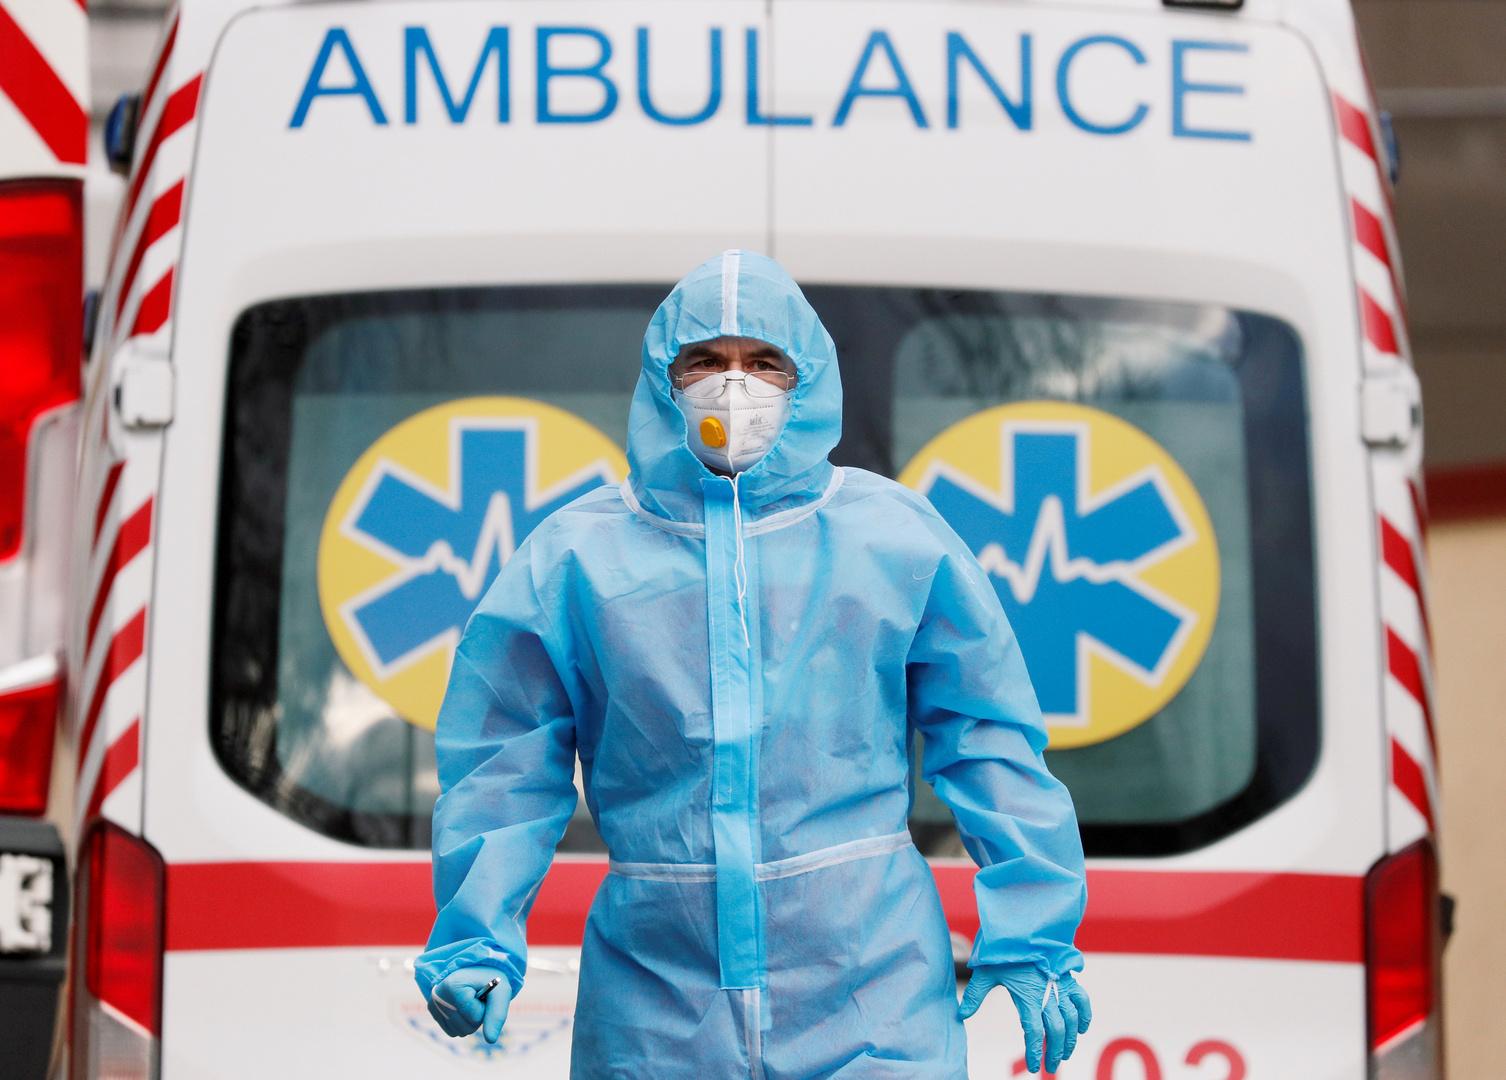 كييف تعتزم معاقبة شركة صينية بسبب التأخير في تسليمها اللقاح ضد فيروس كورونا